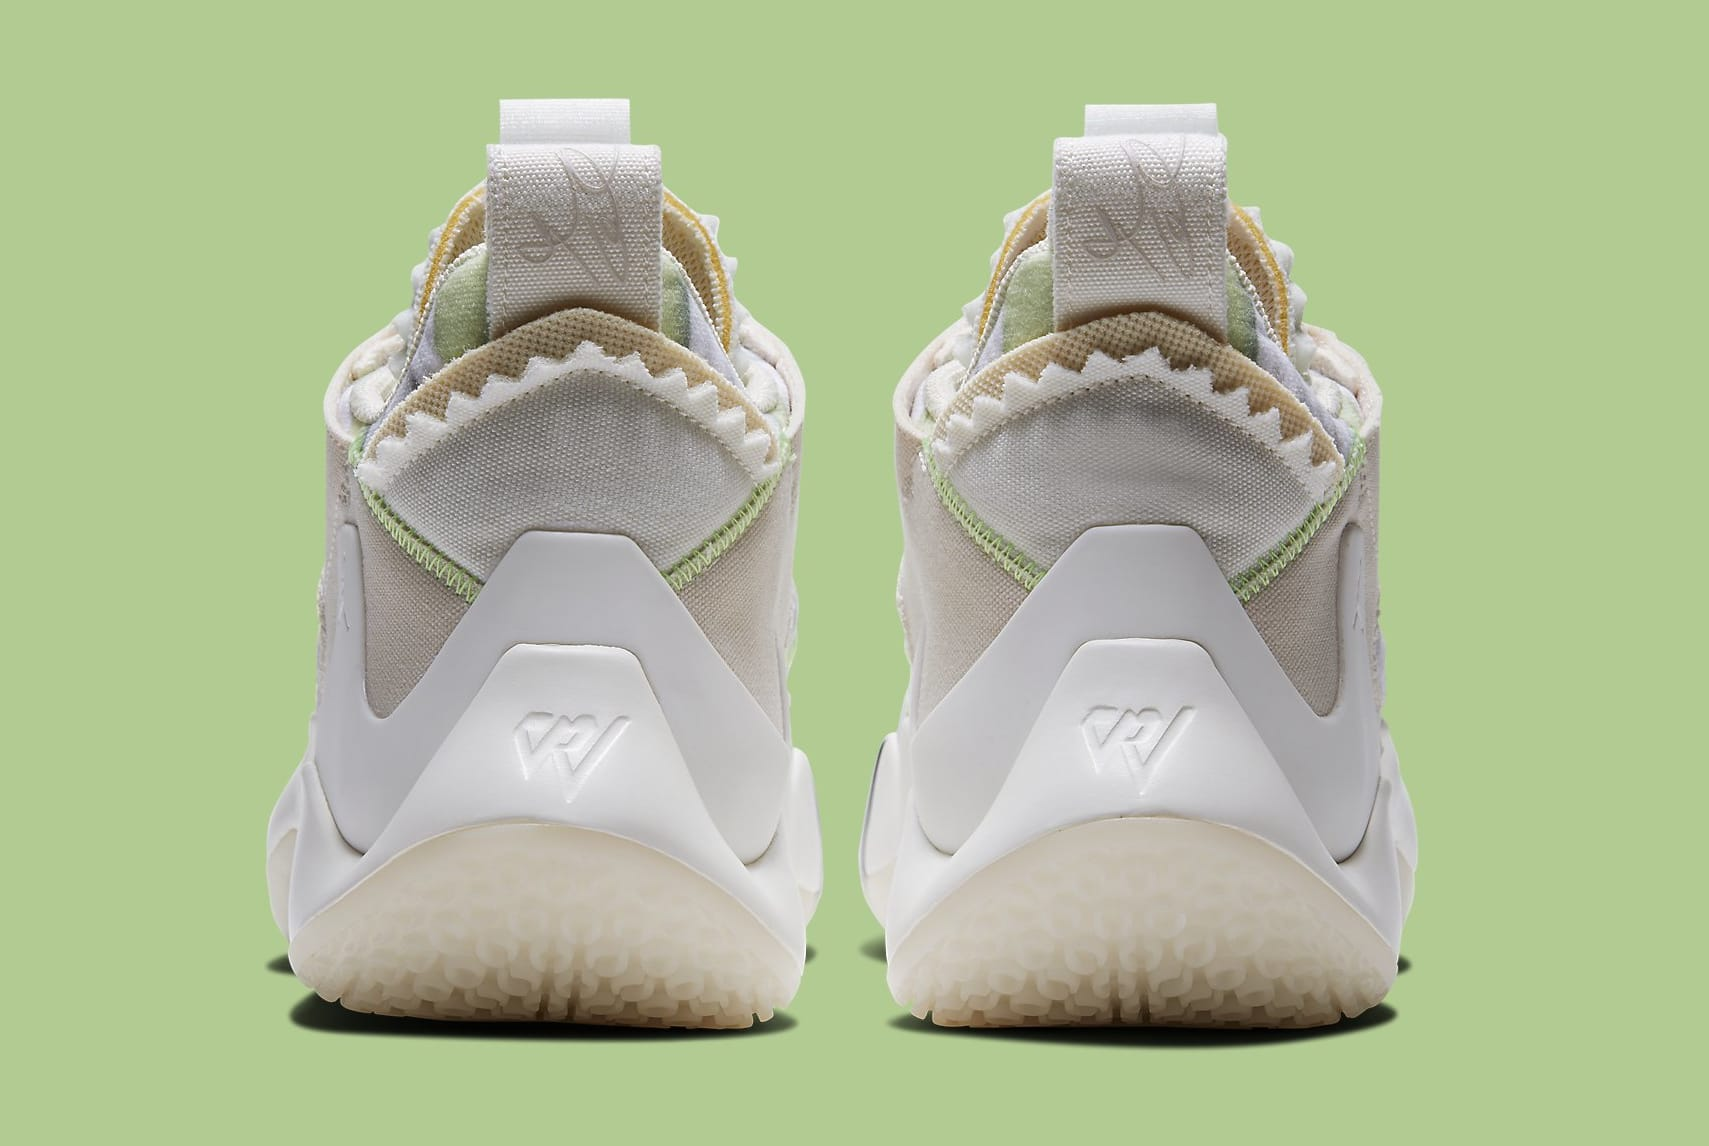 jordan-why-not-zer0-2-se-mmy-cw6566-300-heel